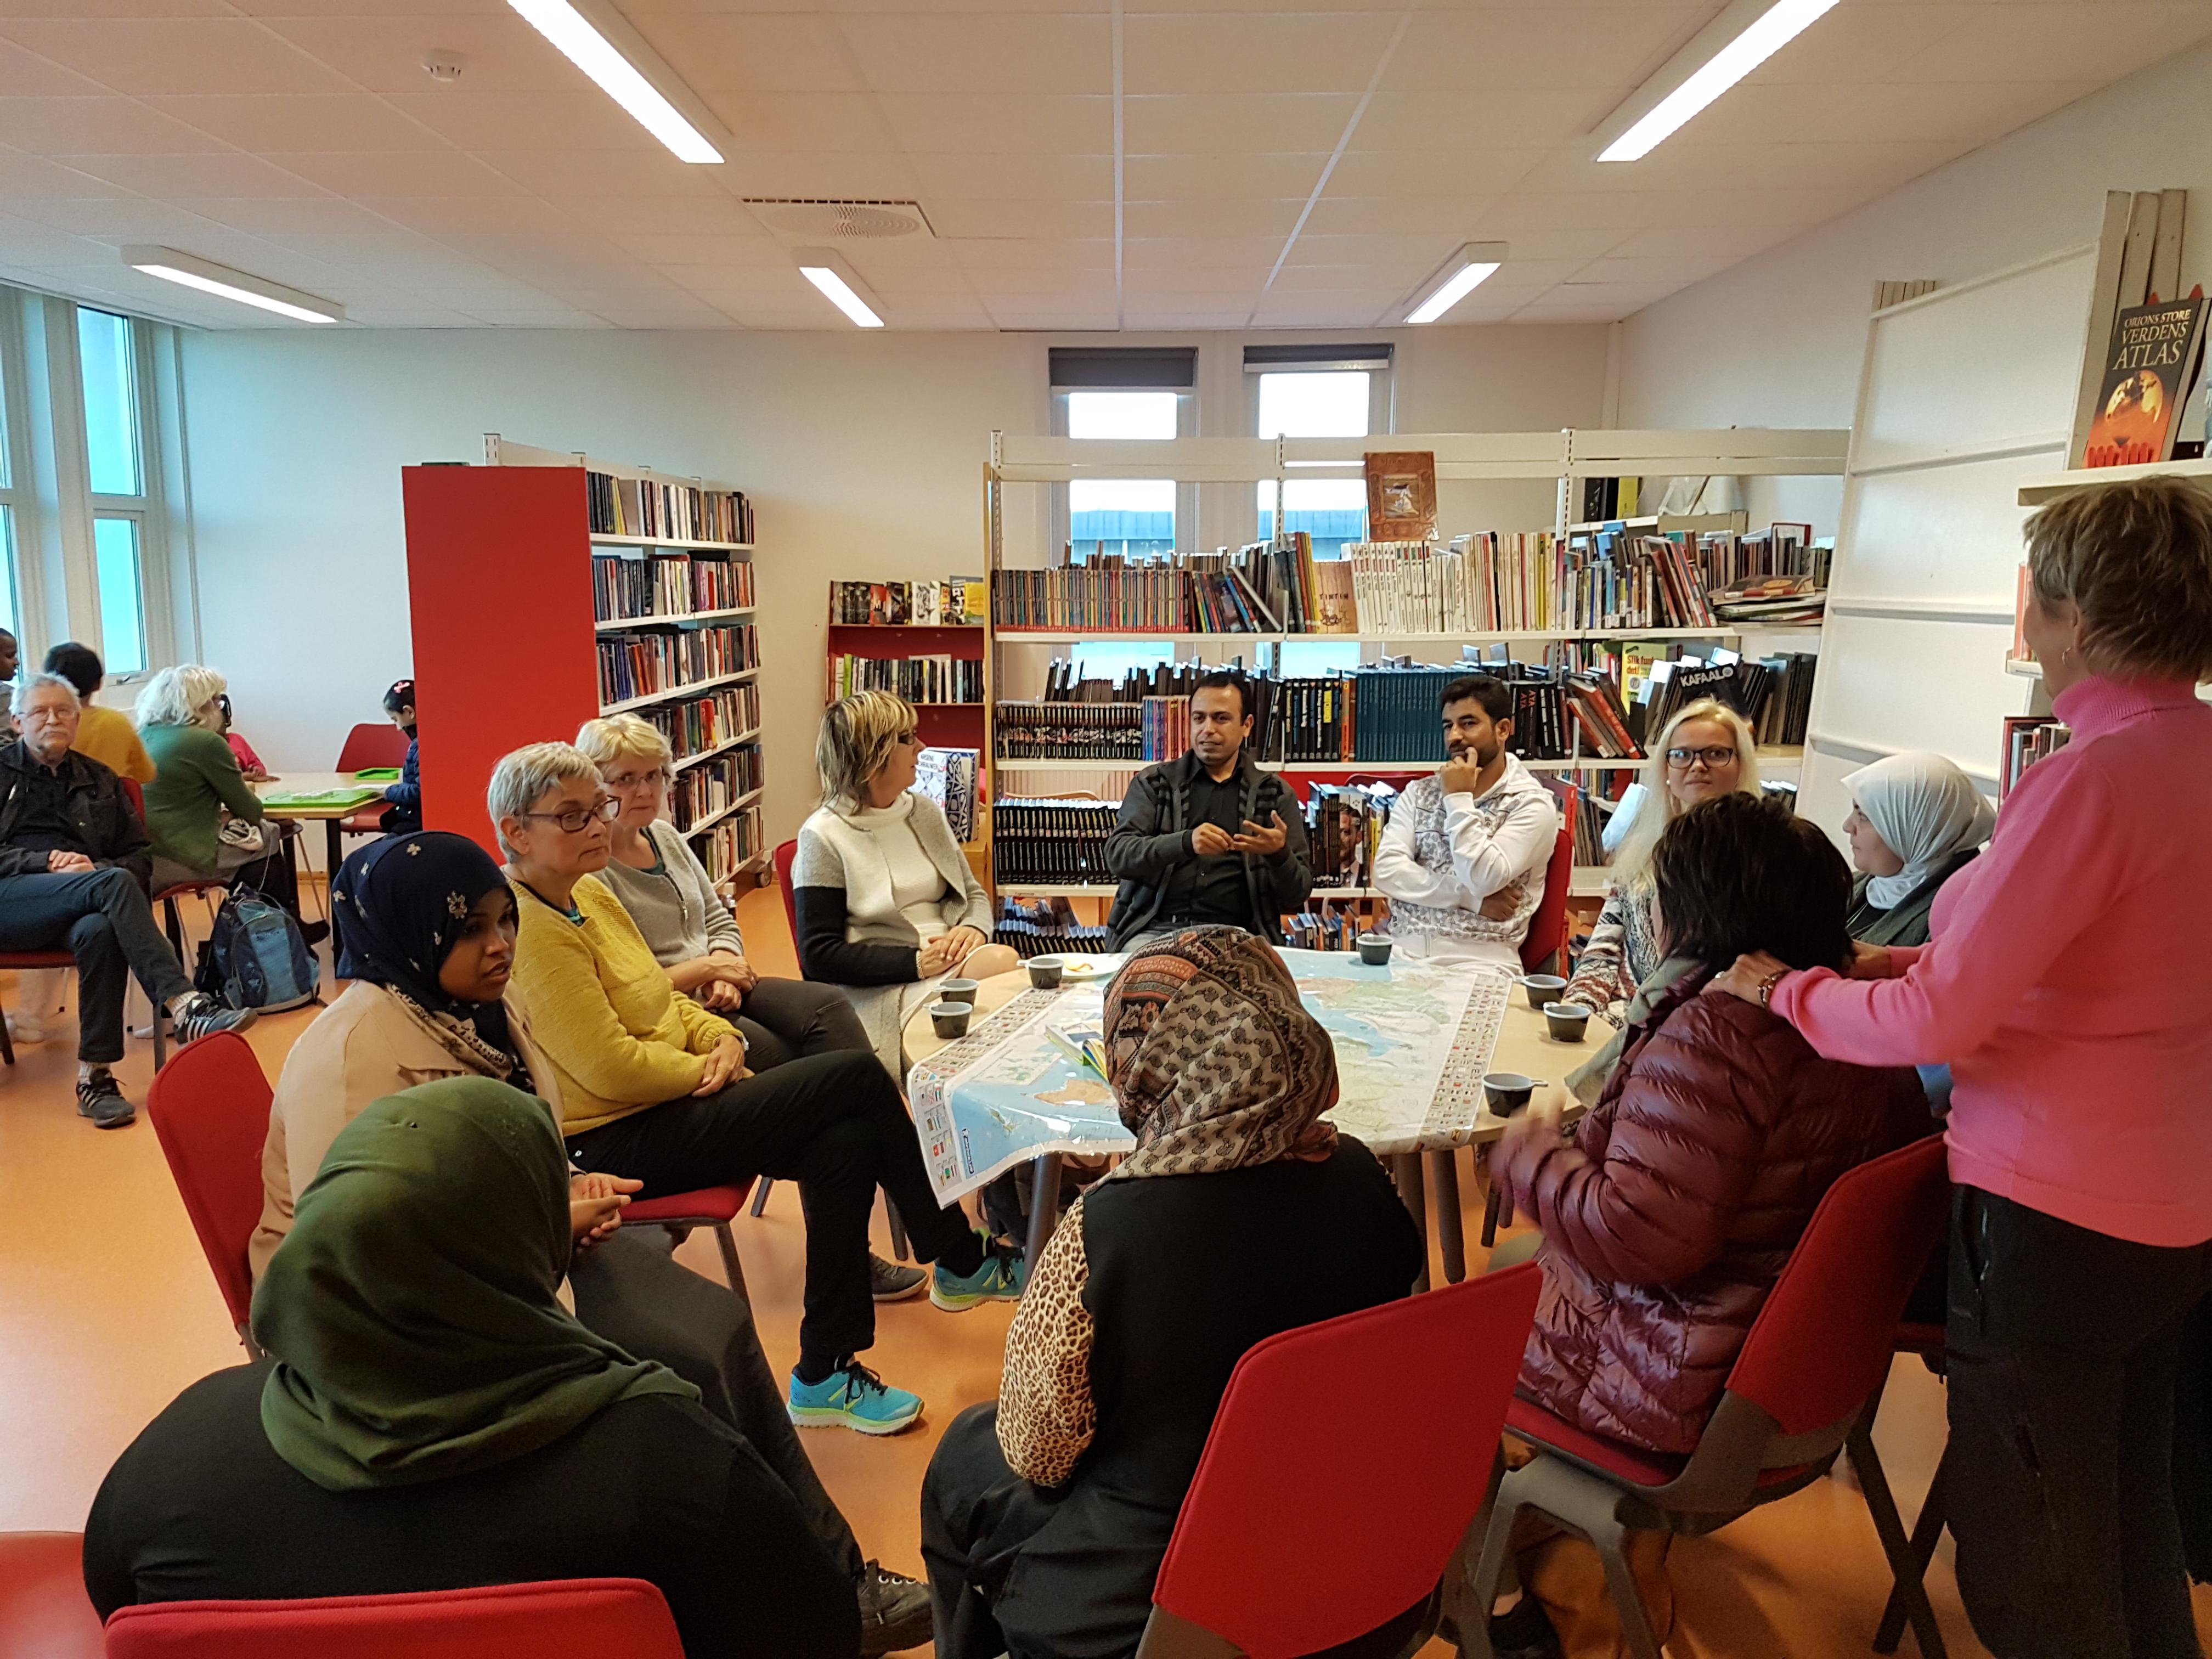 Ahmad oversetter fra norsk til arabisk